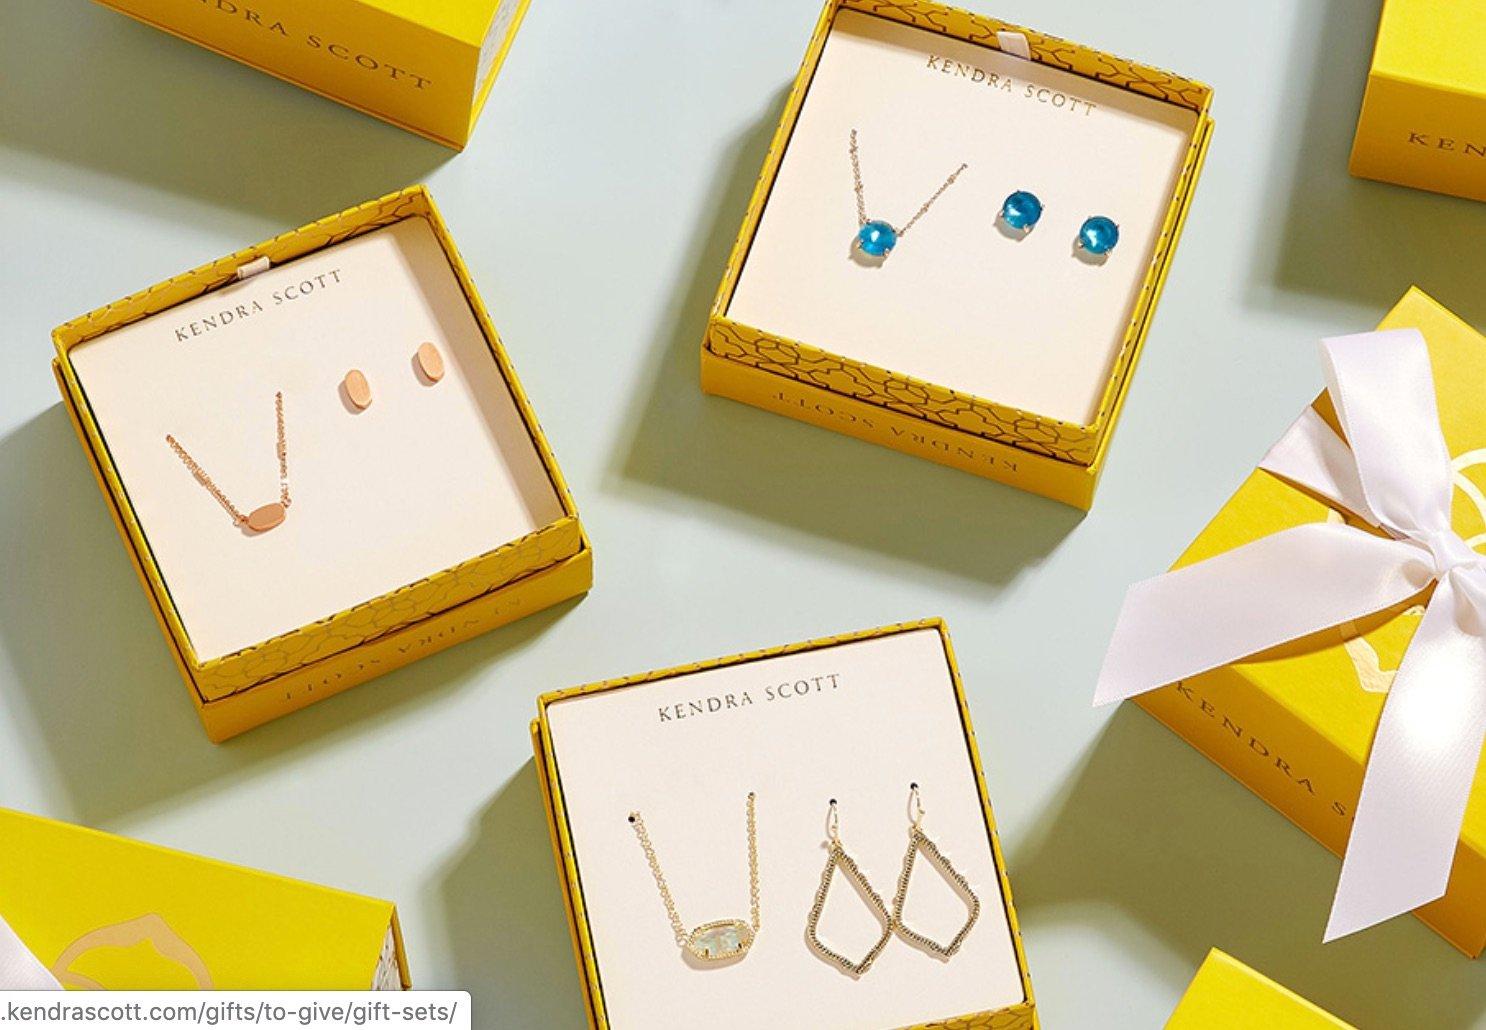 Kendra Scott Jewelry Sets